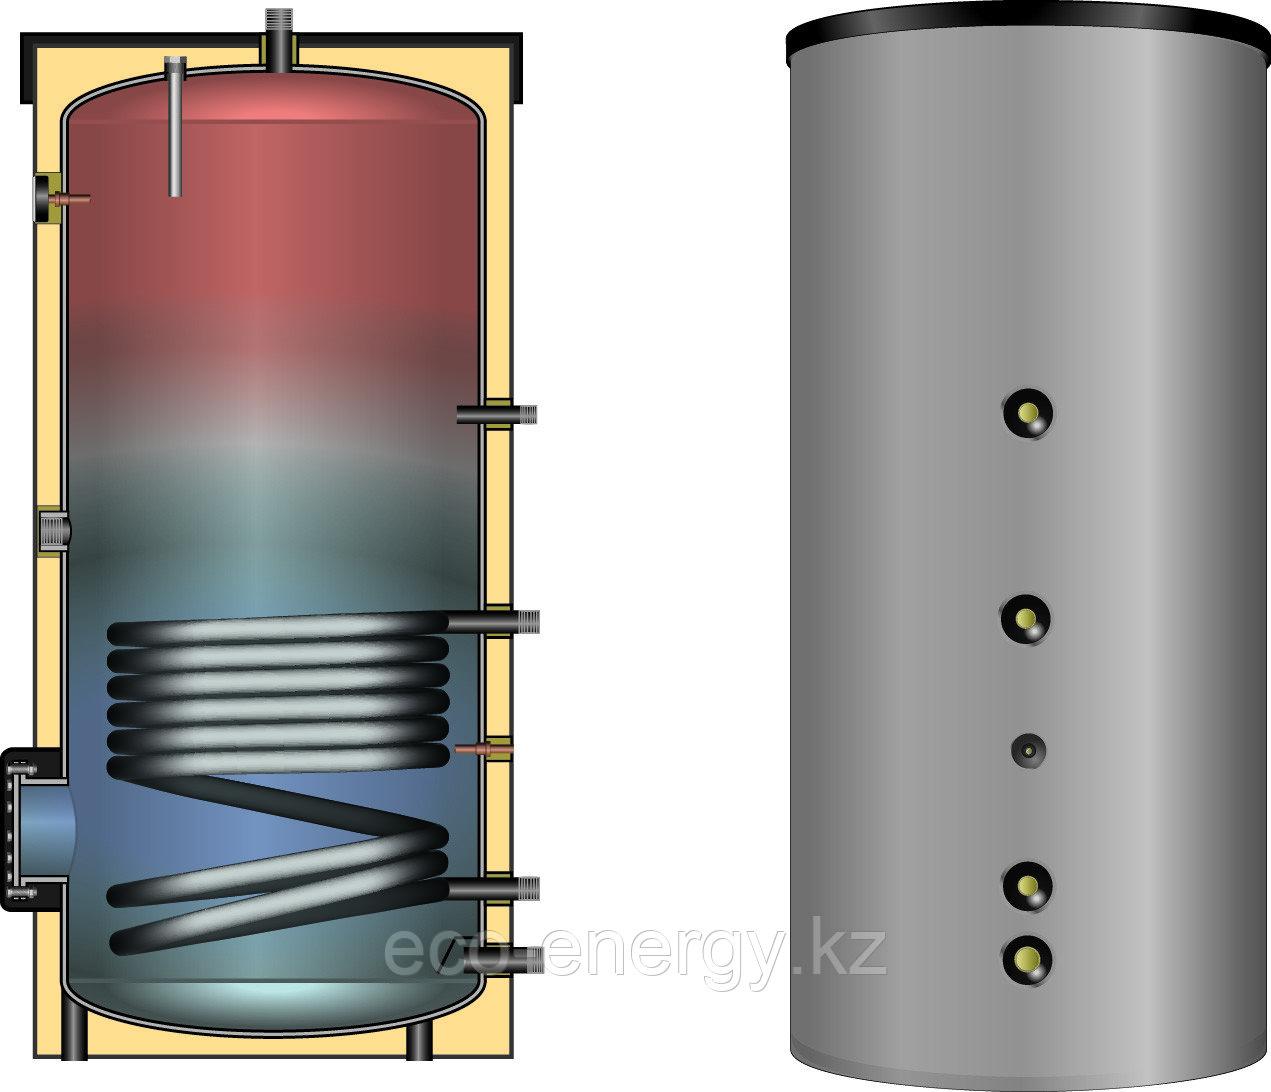 Водонагреватель (косвенный) EBS-PU 200 л